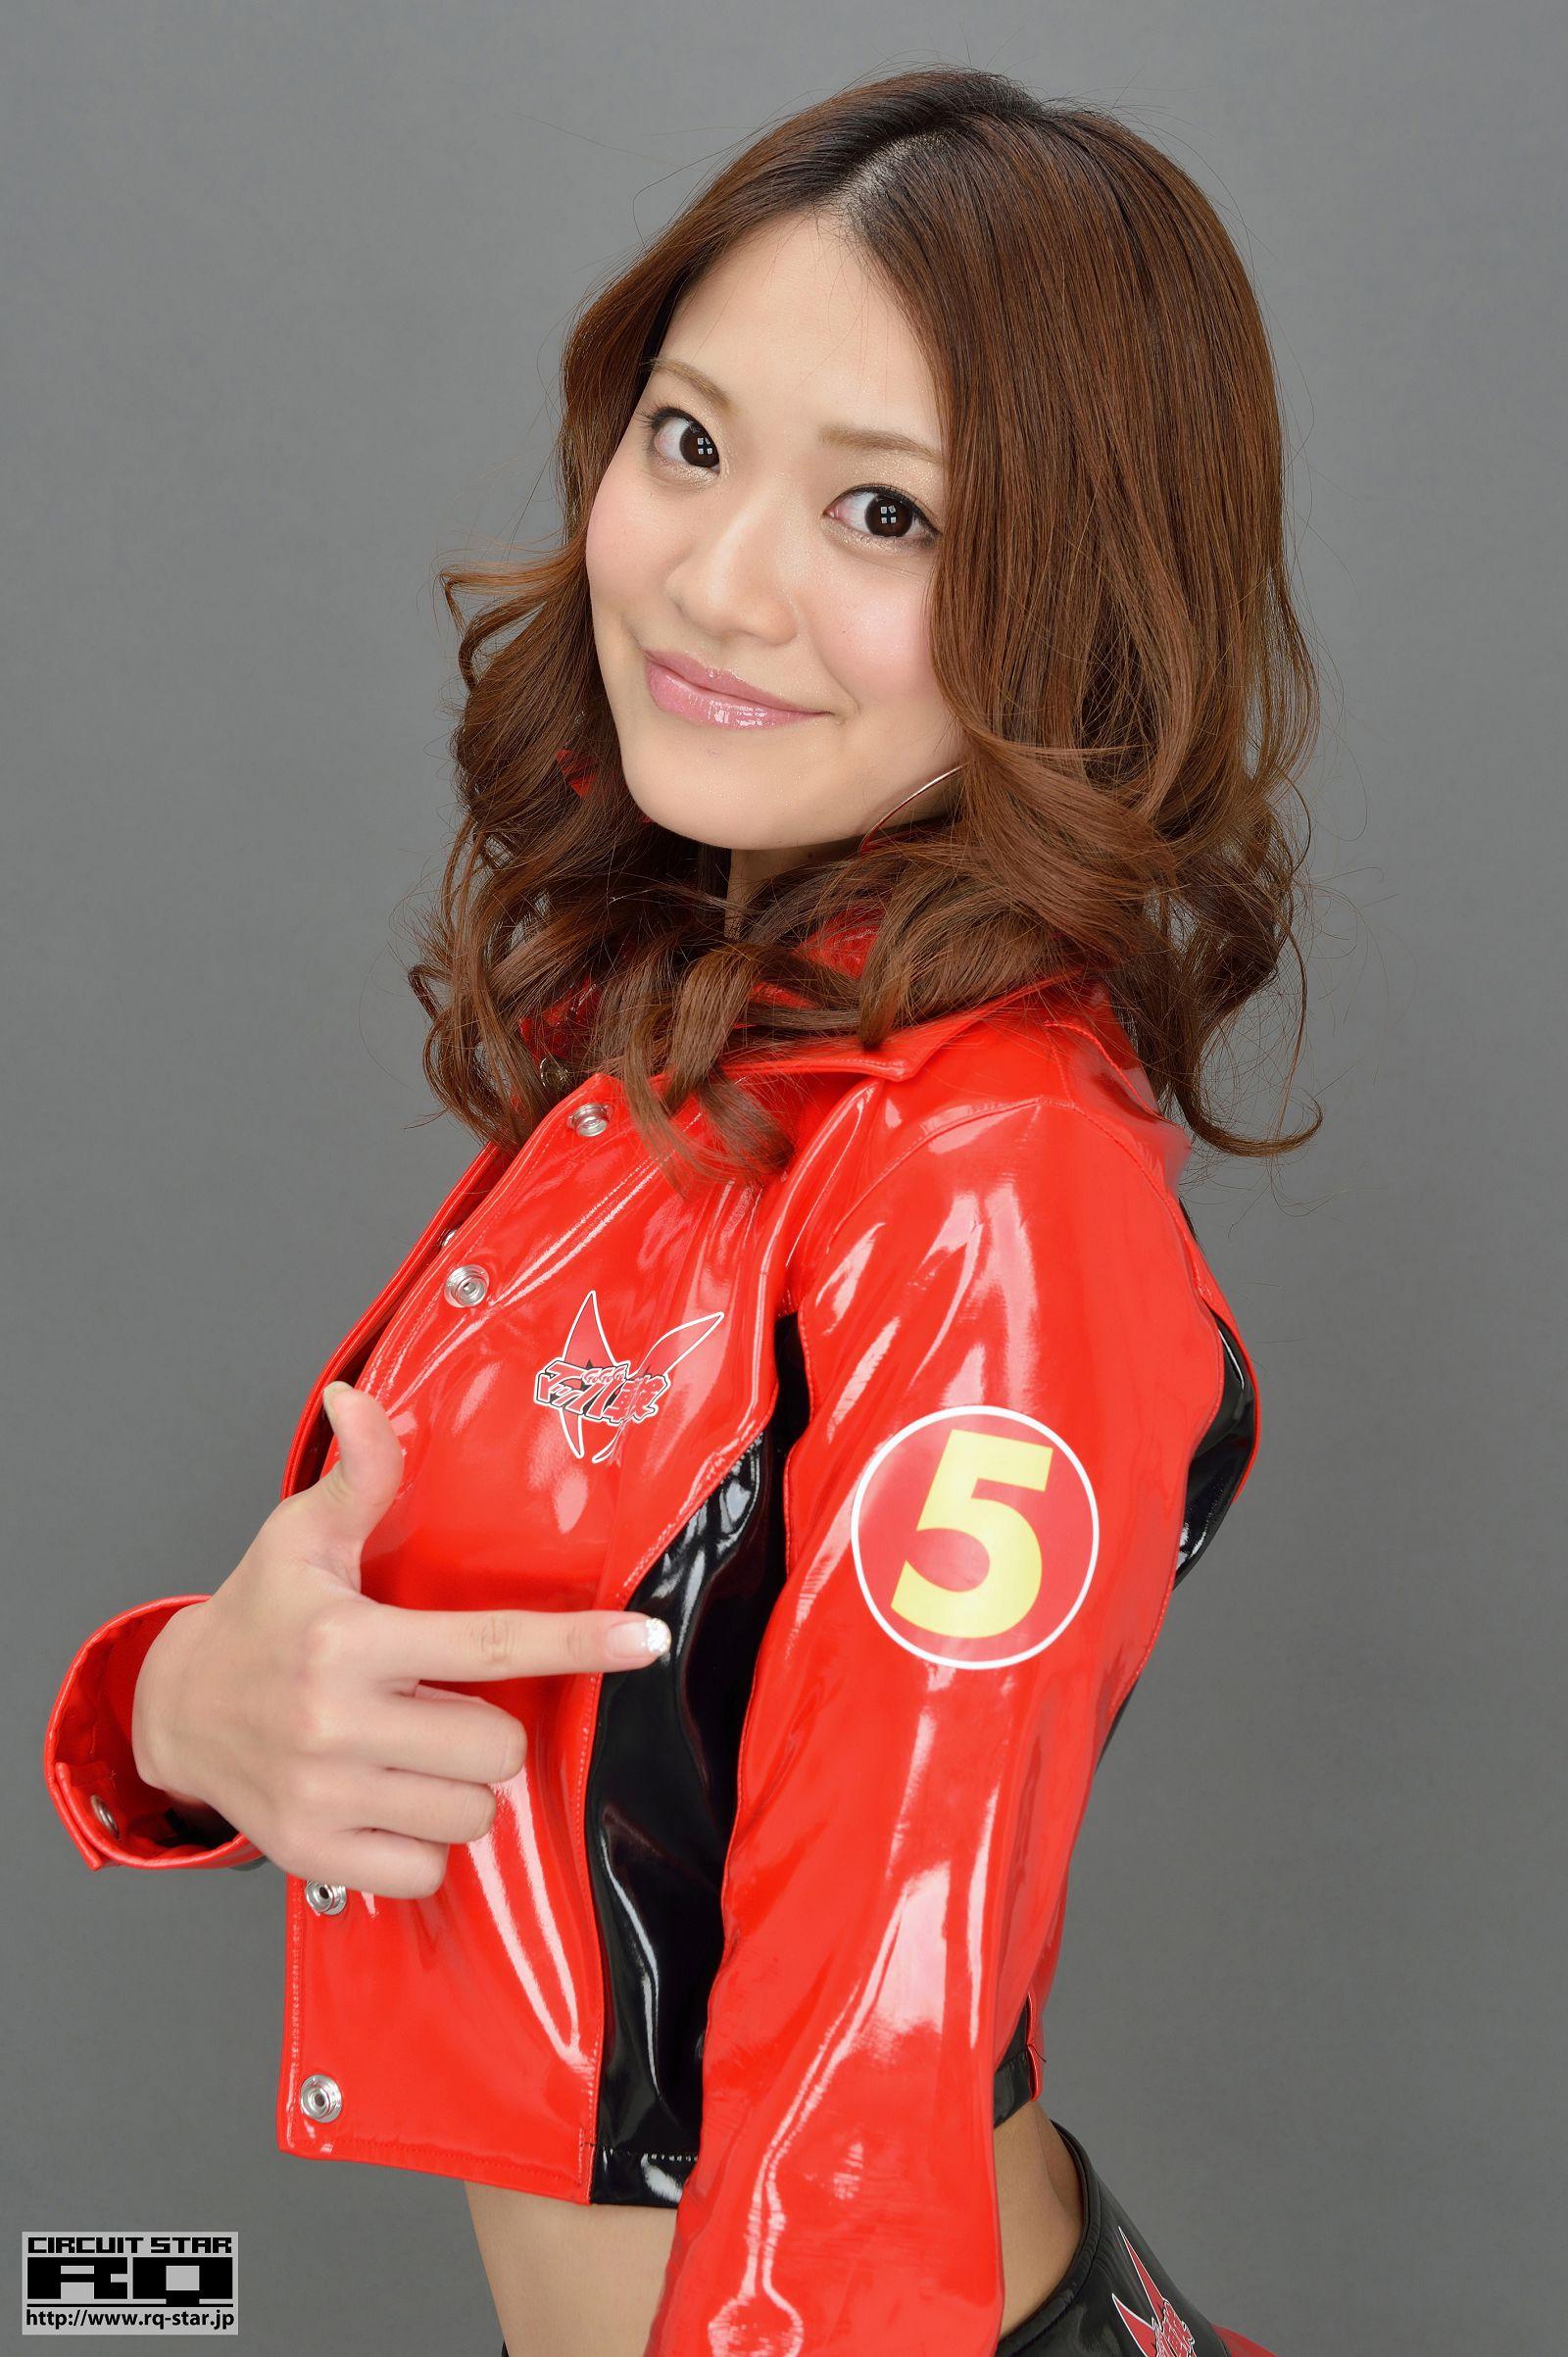 [RQ STAR美女] NO.00889 Mai Nishimura 西村麻依 Race Queen[100P] RQ STAR 第2张